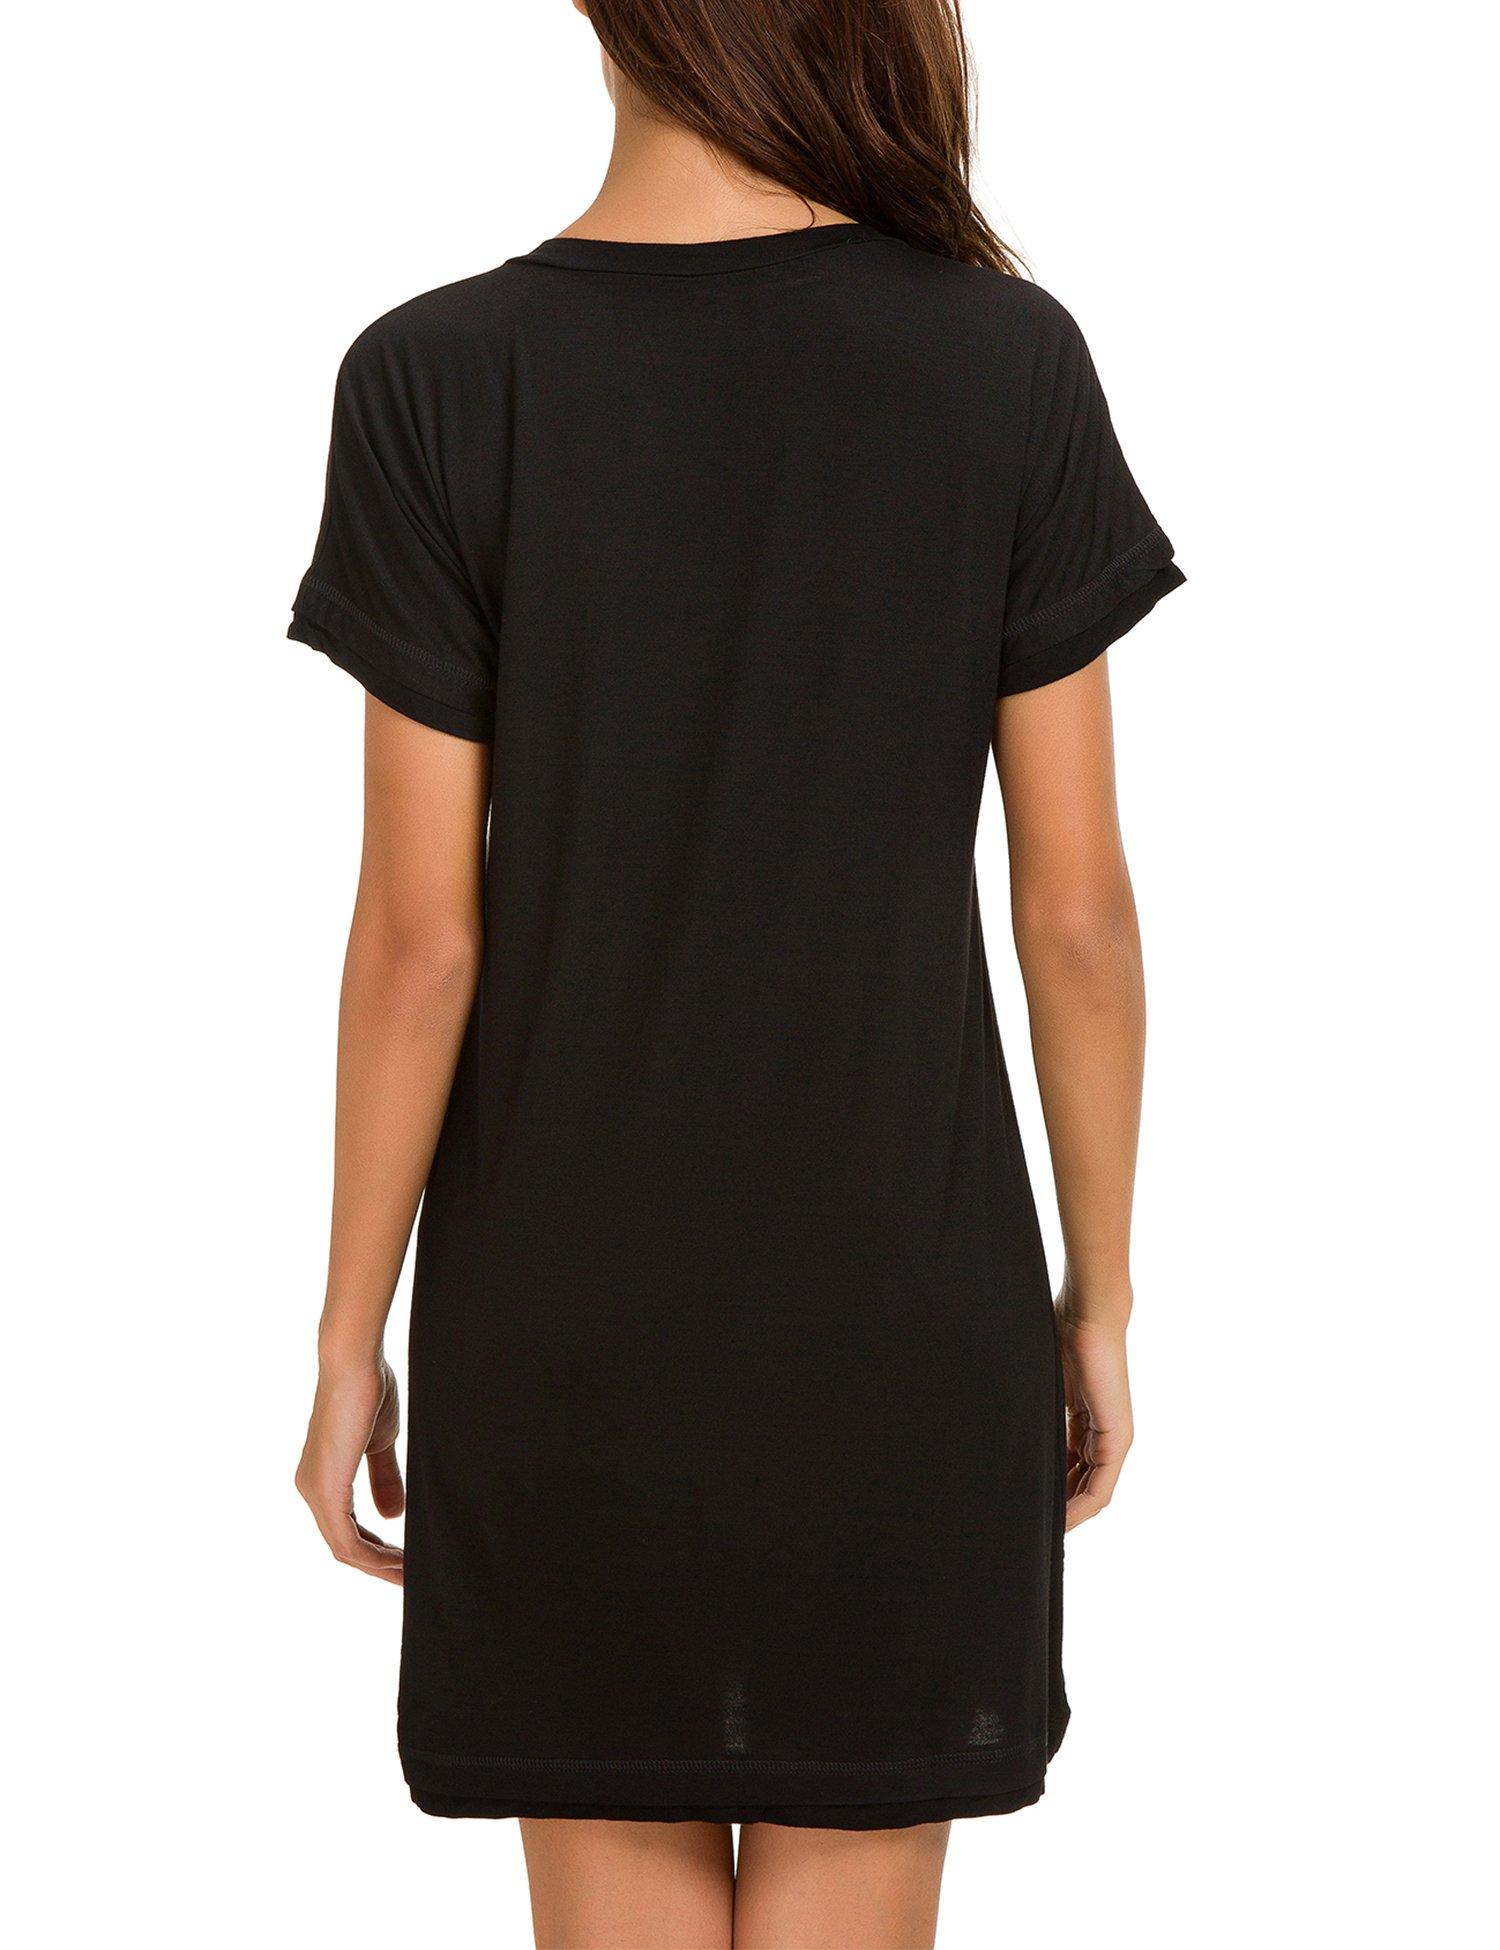 Dolay Women's Sleepwear Cotton Sleep Tee Short Sleeves Knit Sleepshirt (Black, XL) by Dolay (Image #2)